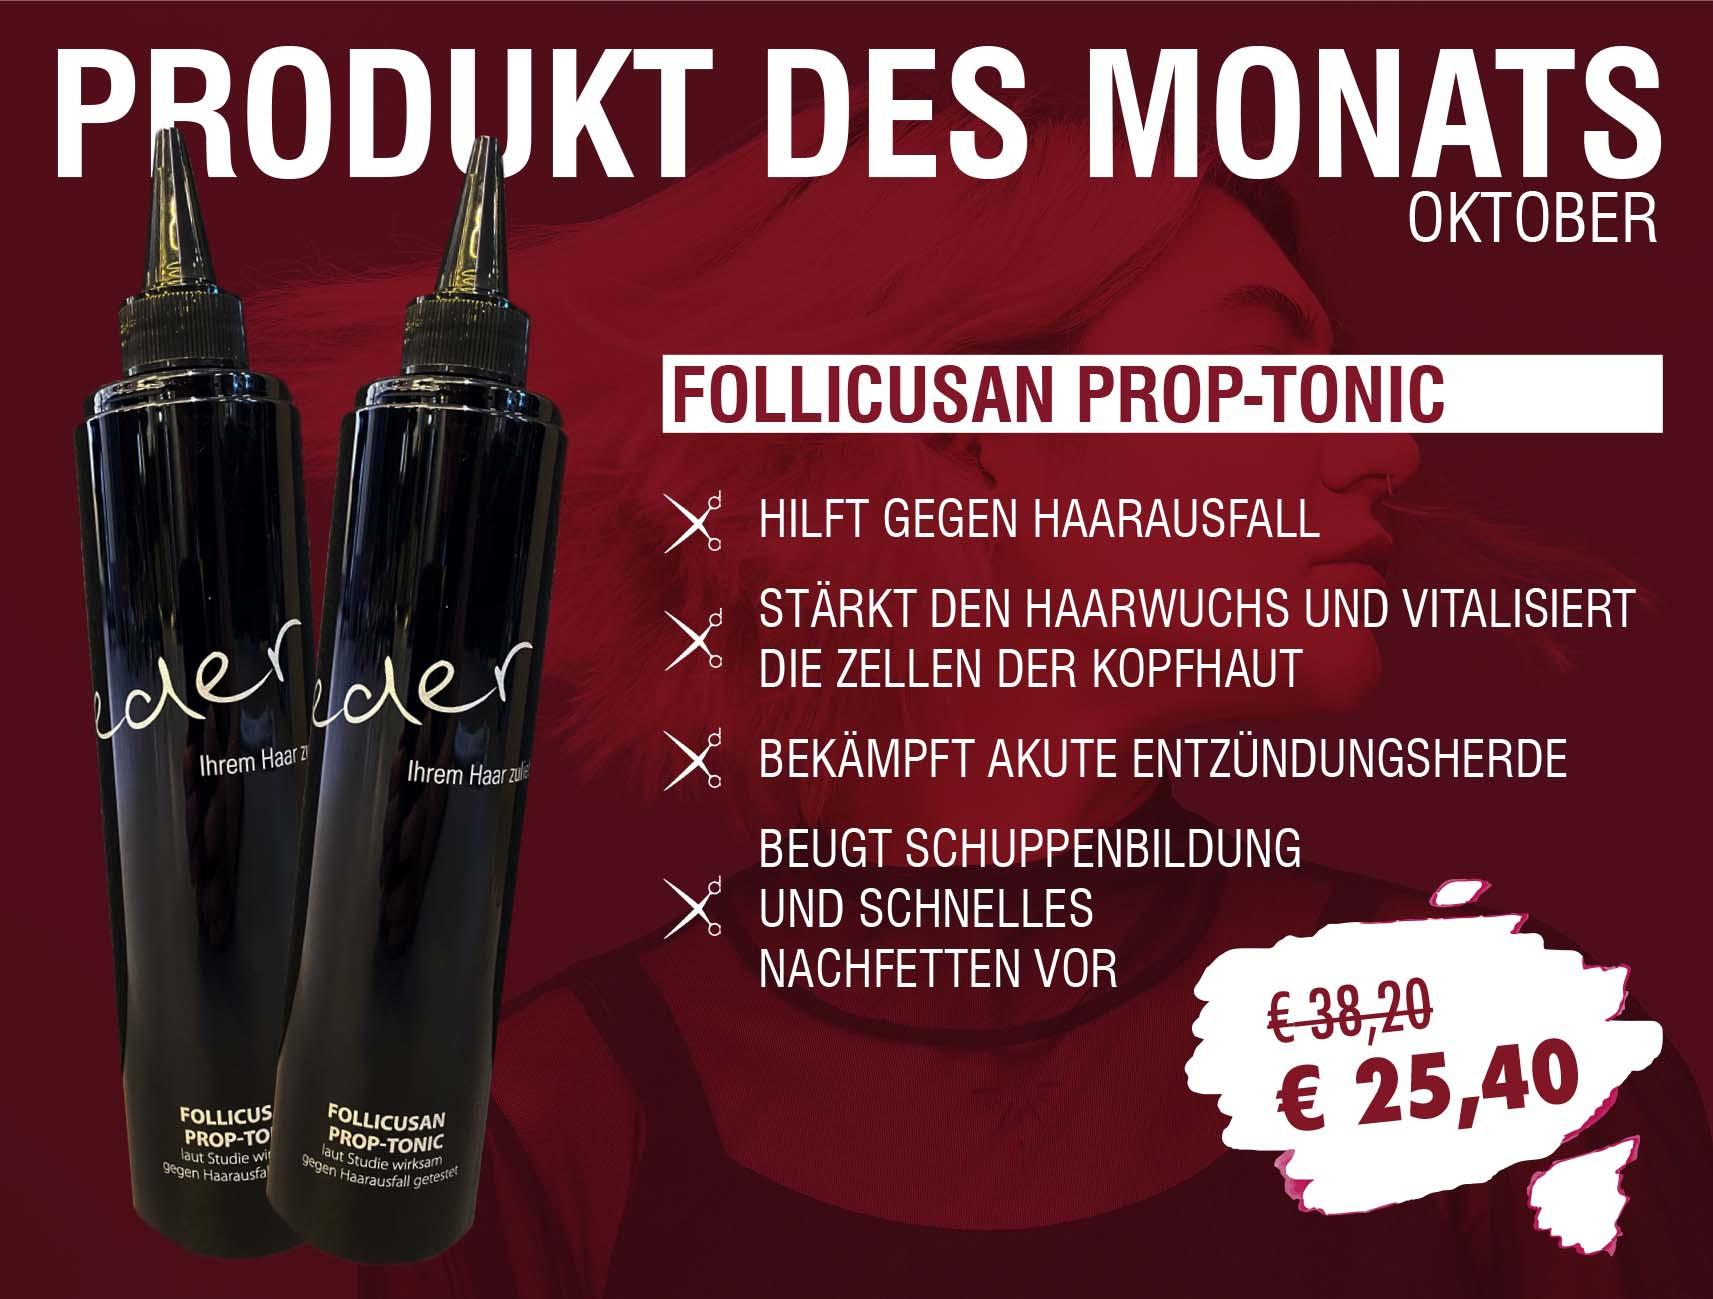 Friseur Eder - Produkt des Monats Oktober 2021